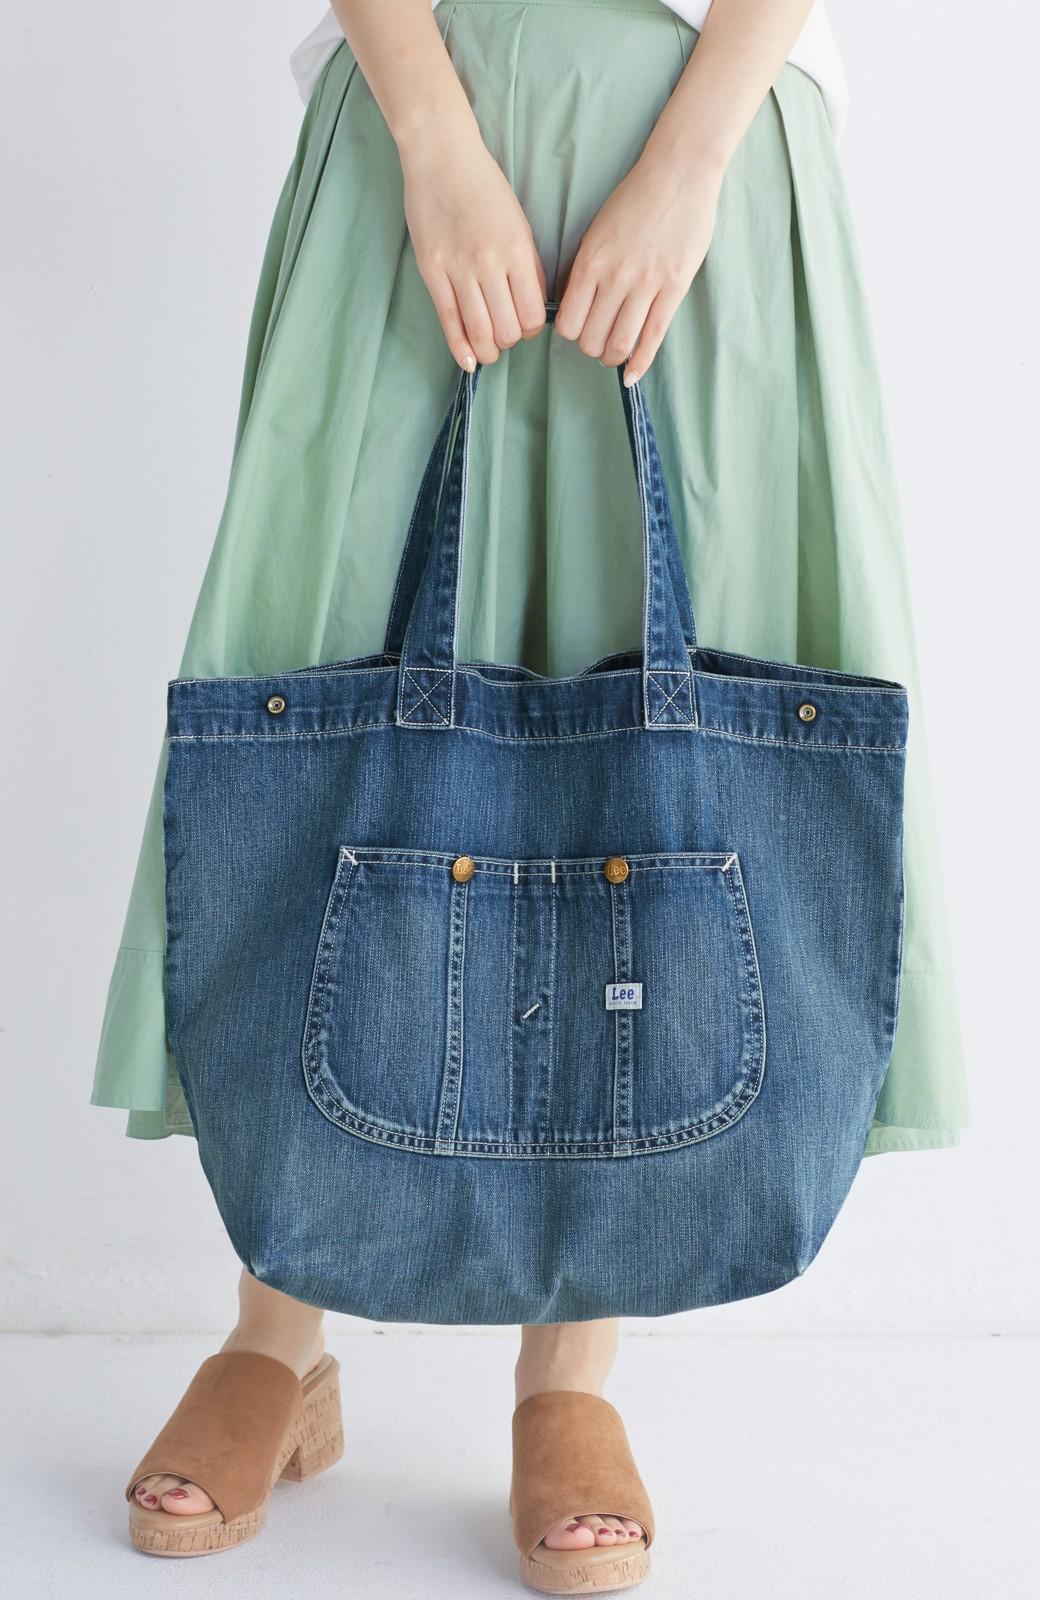 haco! Lee 大きい野菜もらくらく入るデニムショッピングバッグ <インディゴブルー>の商品写真6